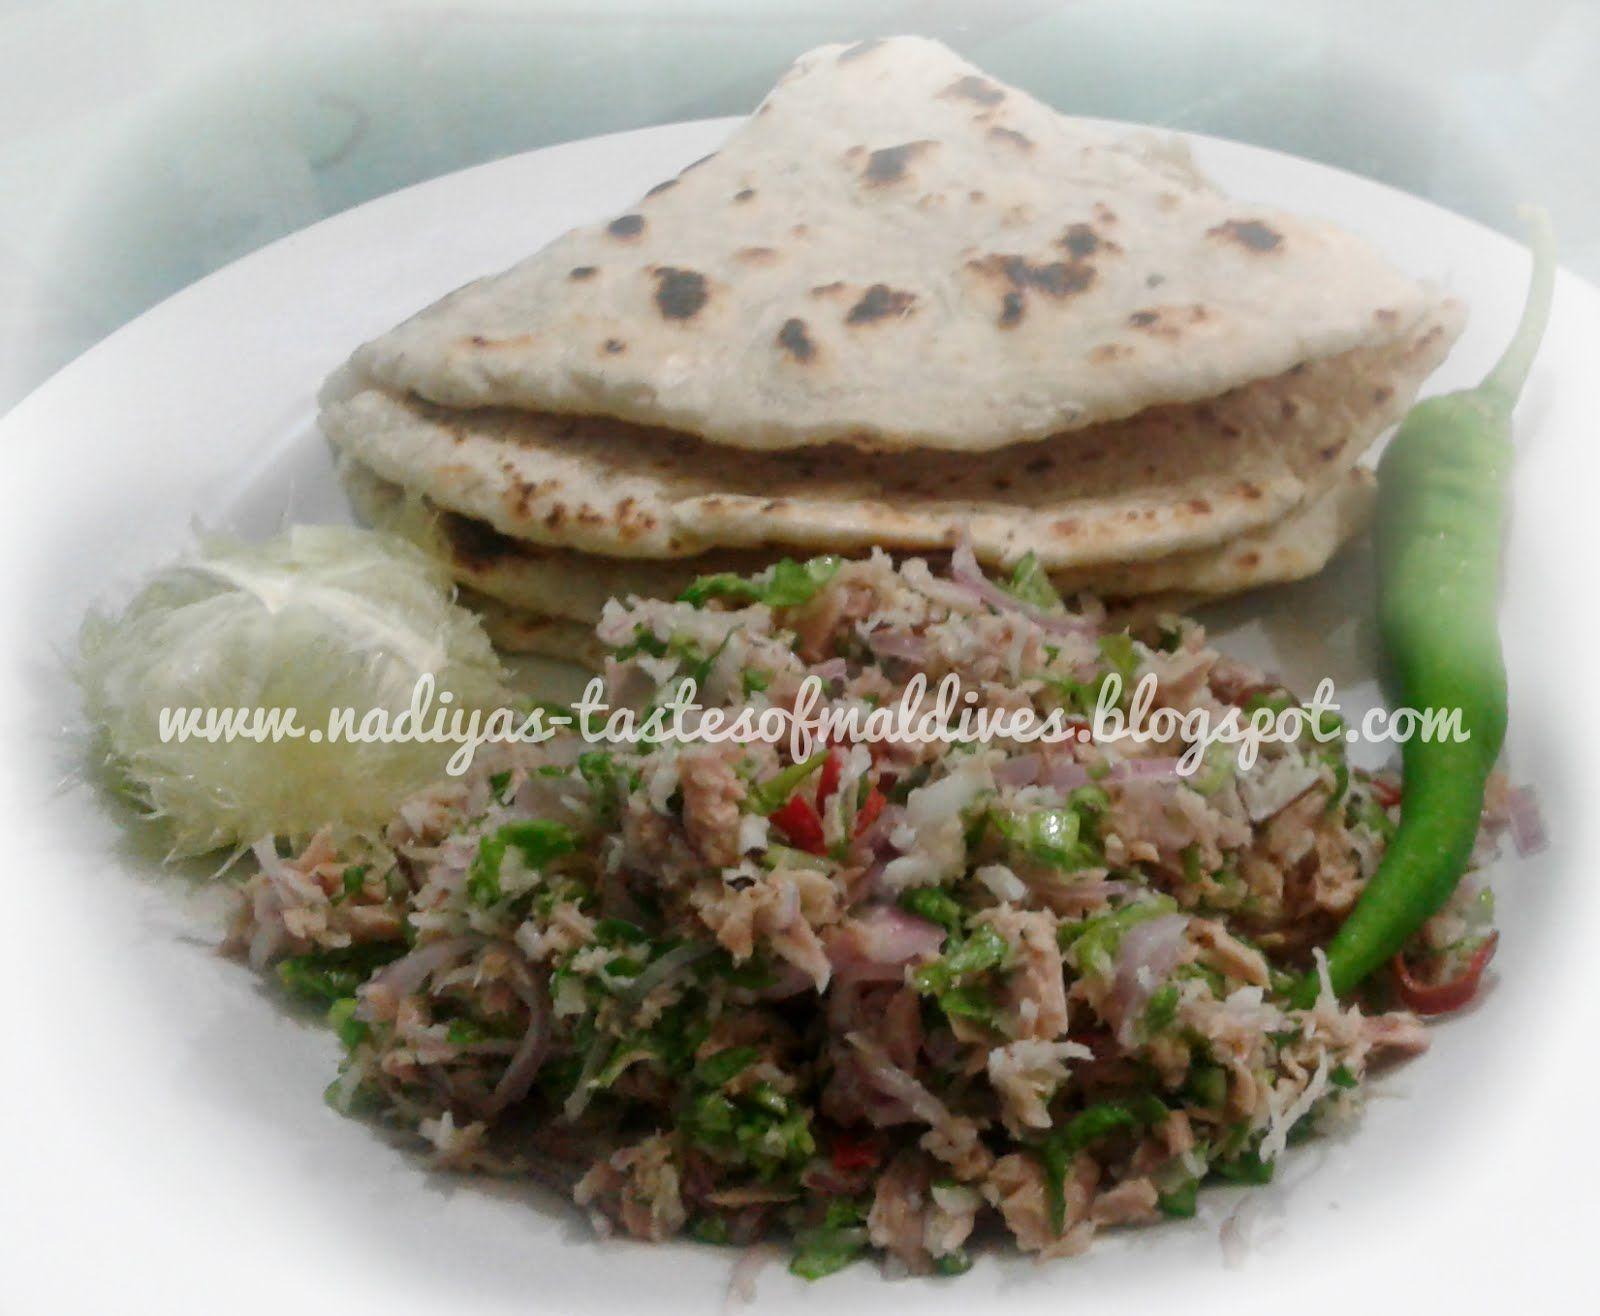 Nadiyas tastes of maldives lettuce mashuni lettuce canned tuna dishes forumfinder Choice Image